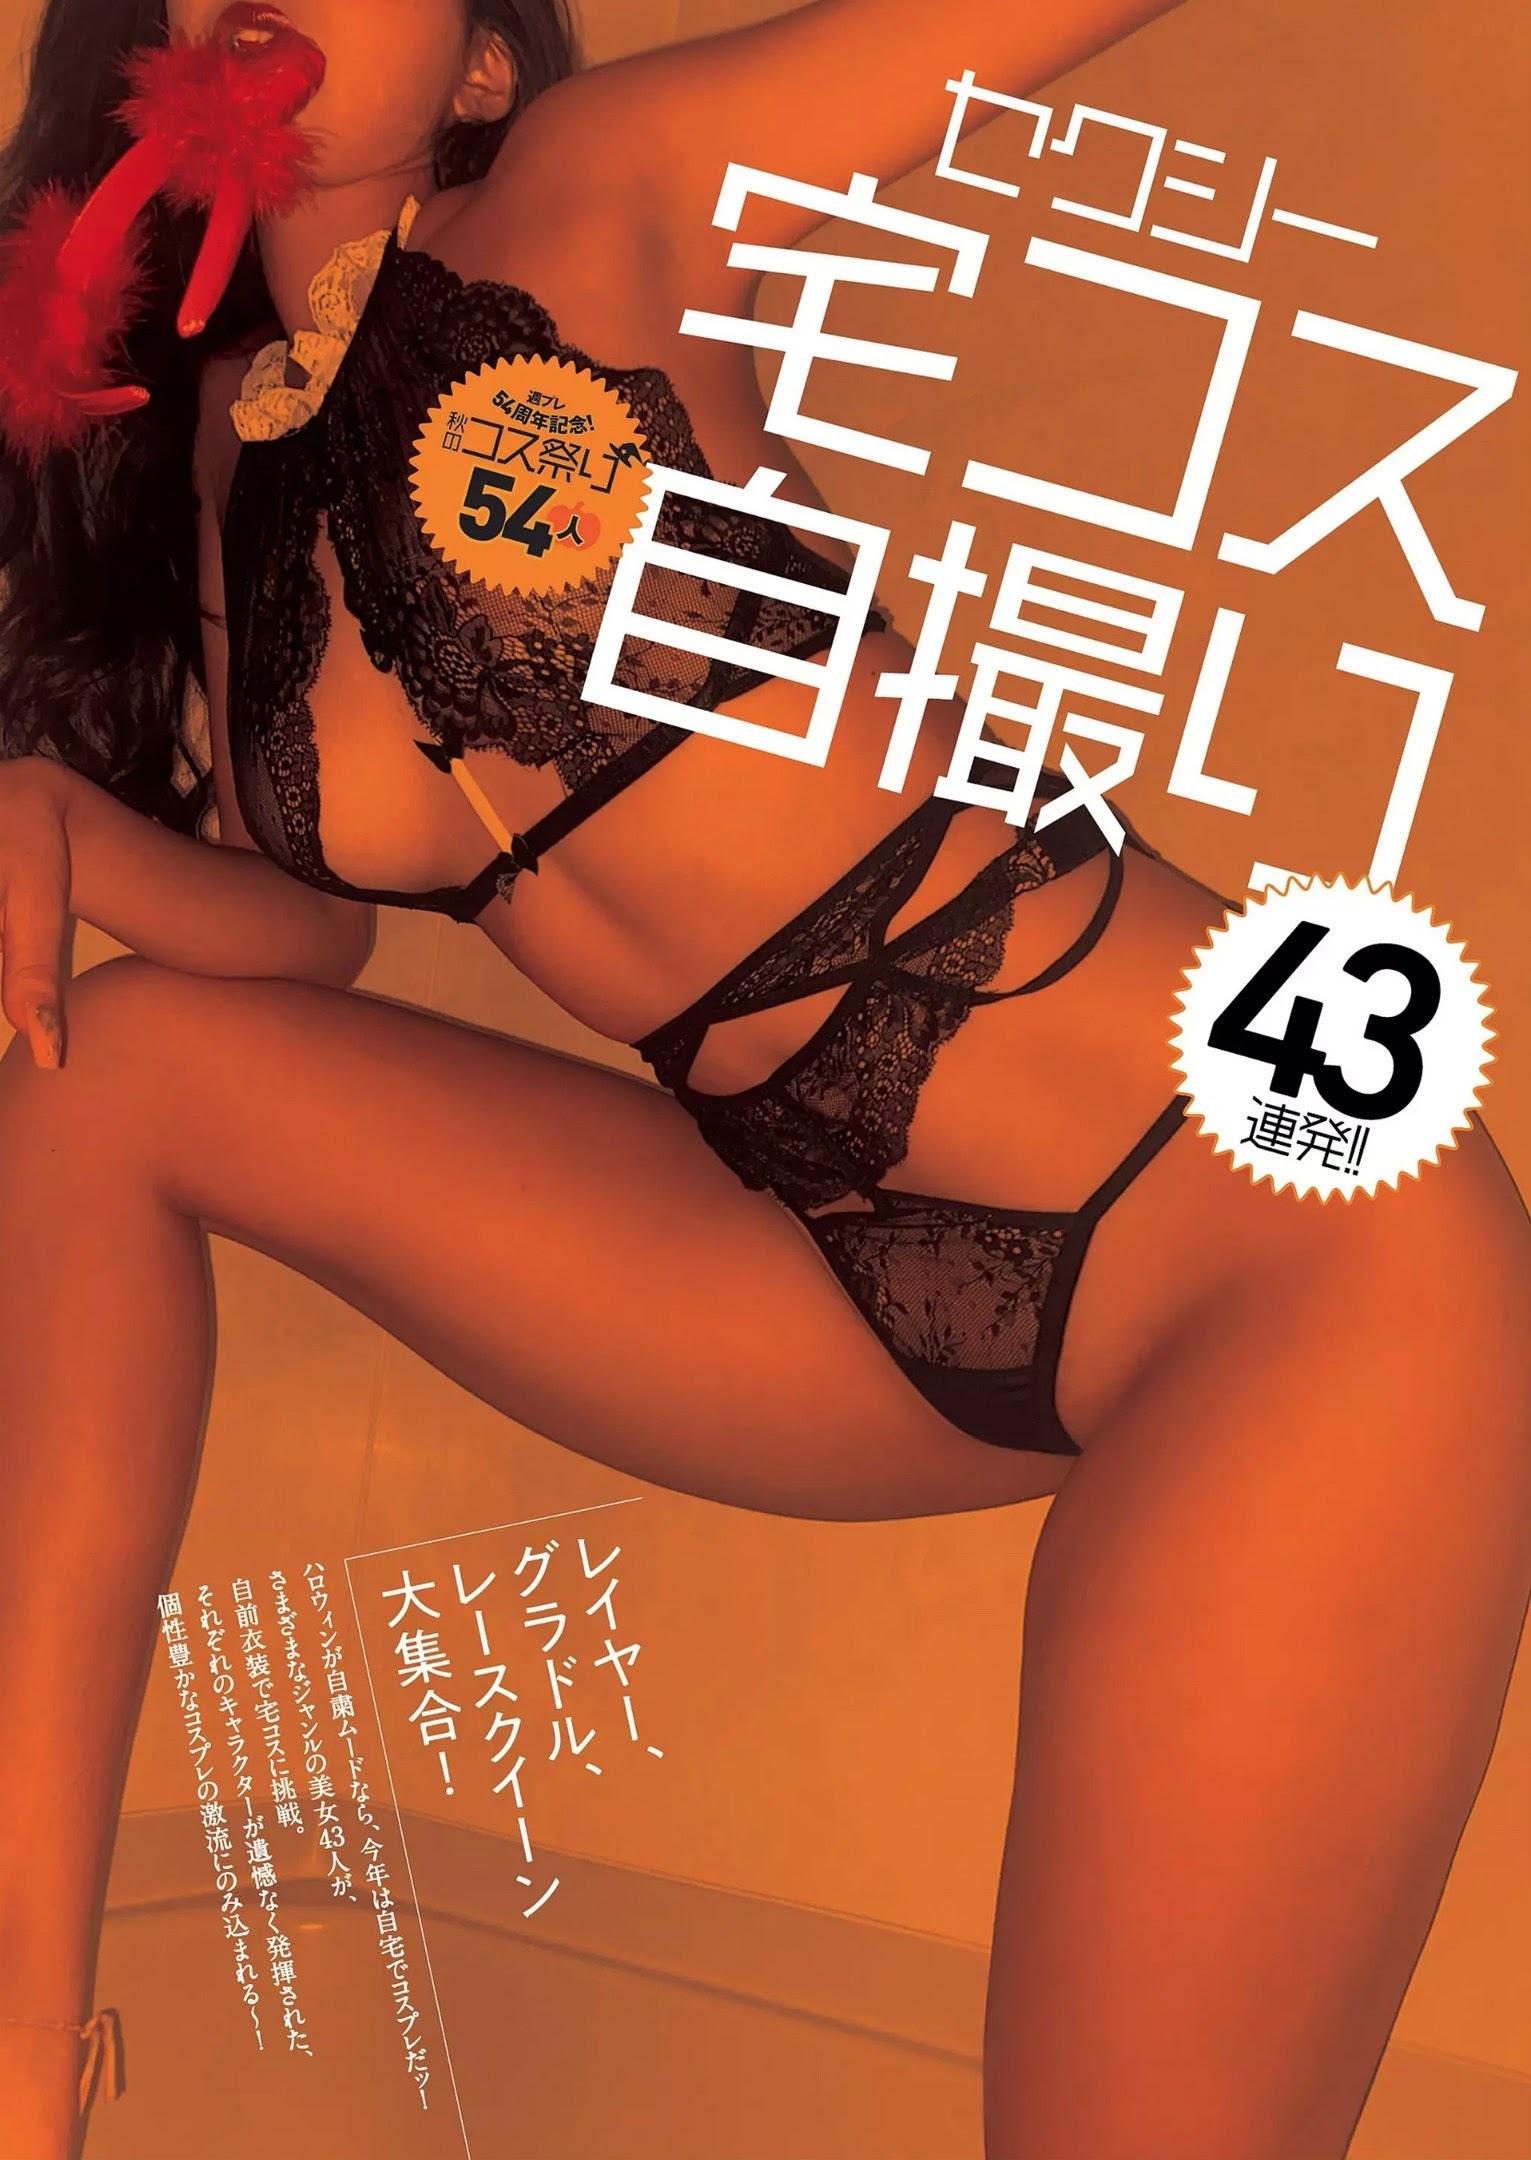 セクシー宅コス自撮り43連発1